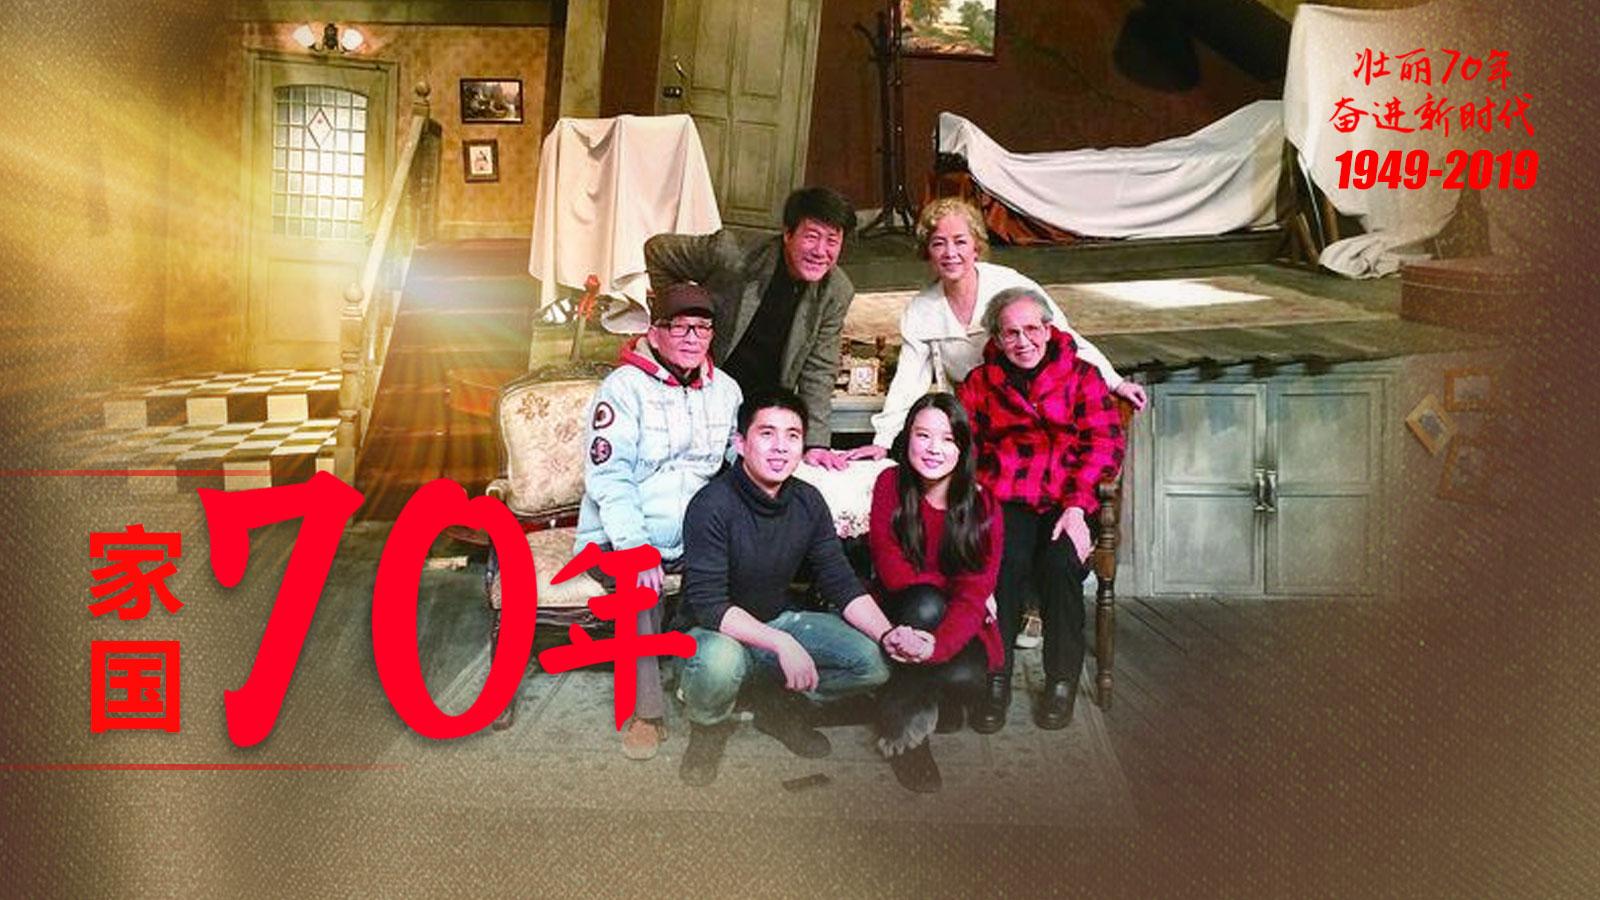 家国70年|三对夫妻都是上戏同班同学,吕凉一家三代人献身舞台